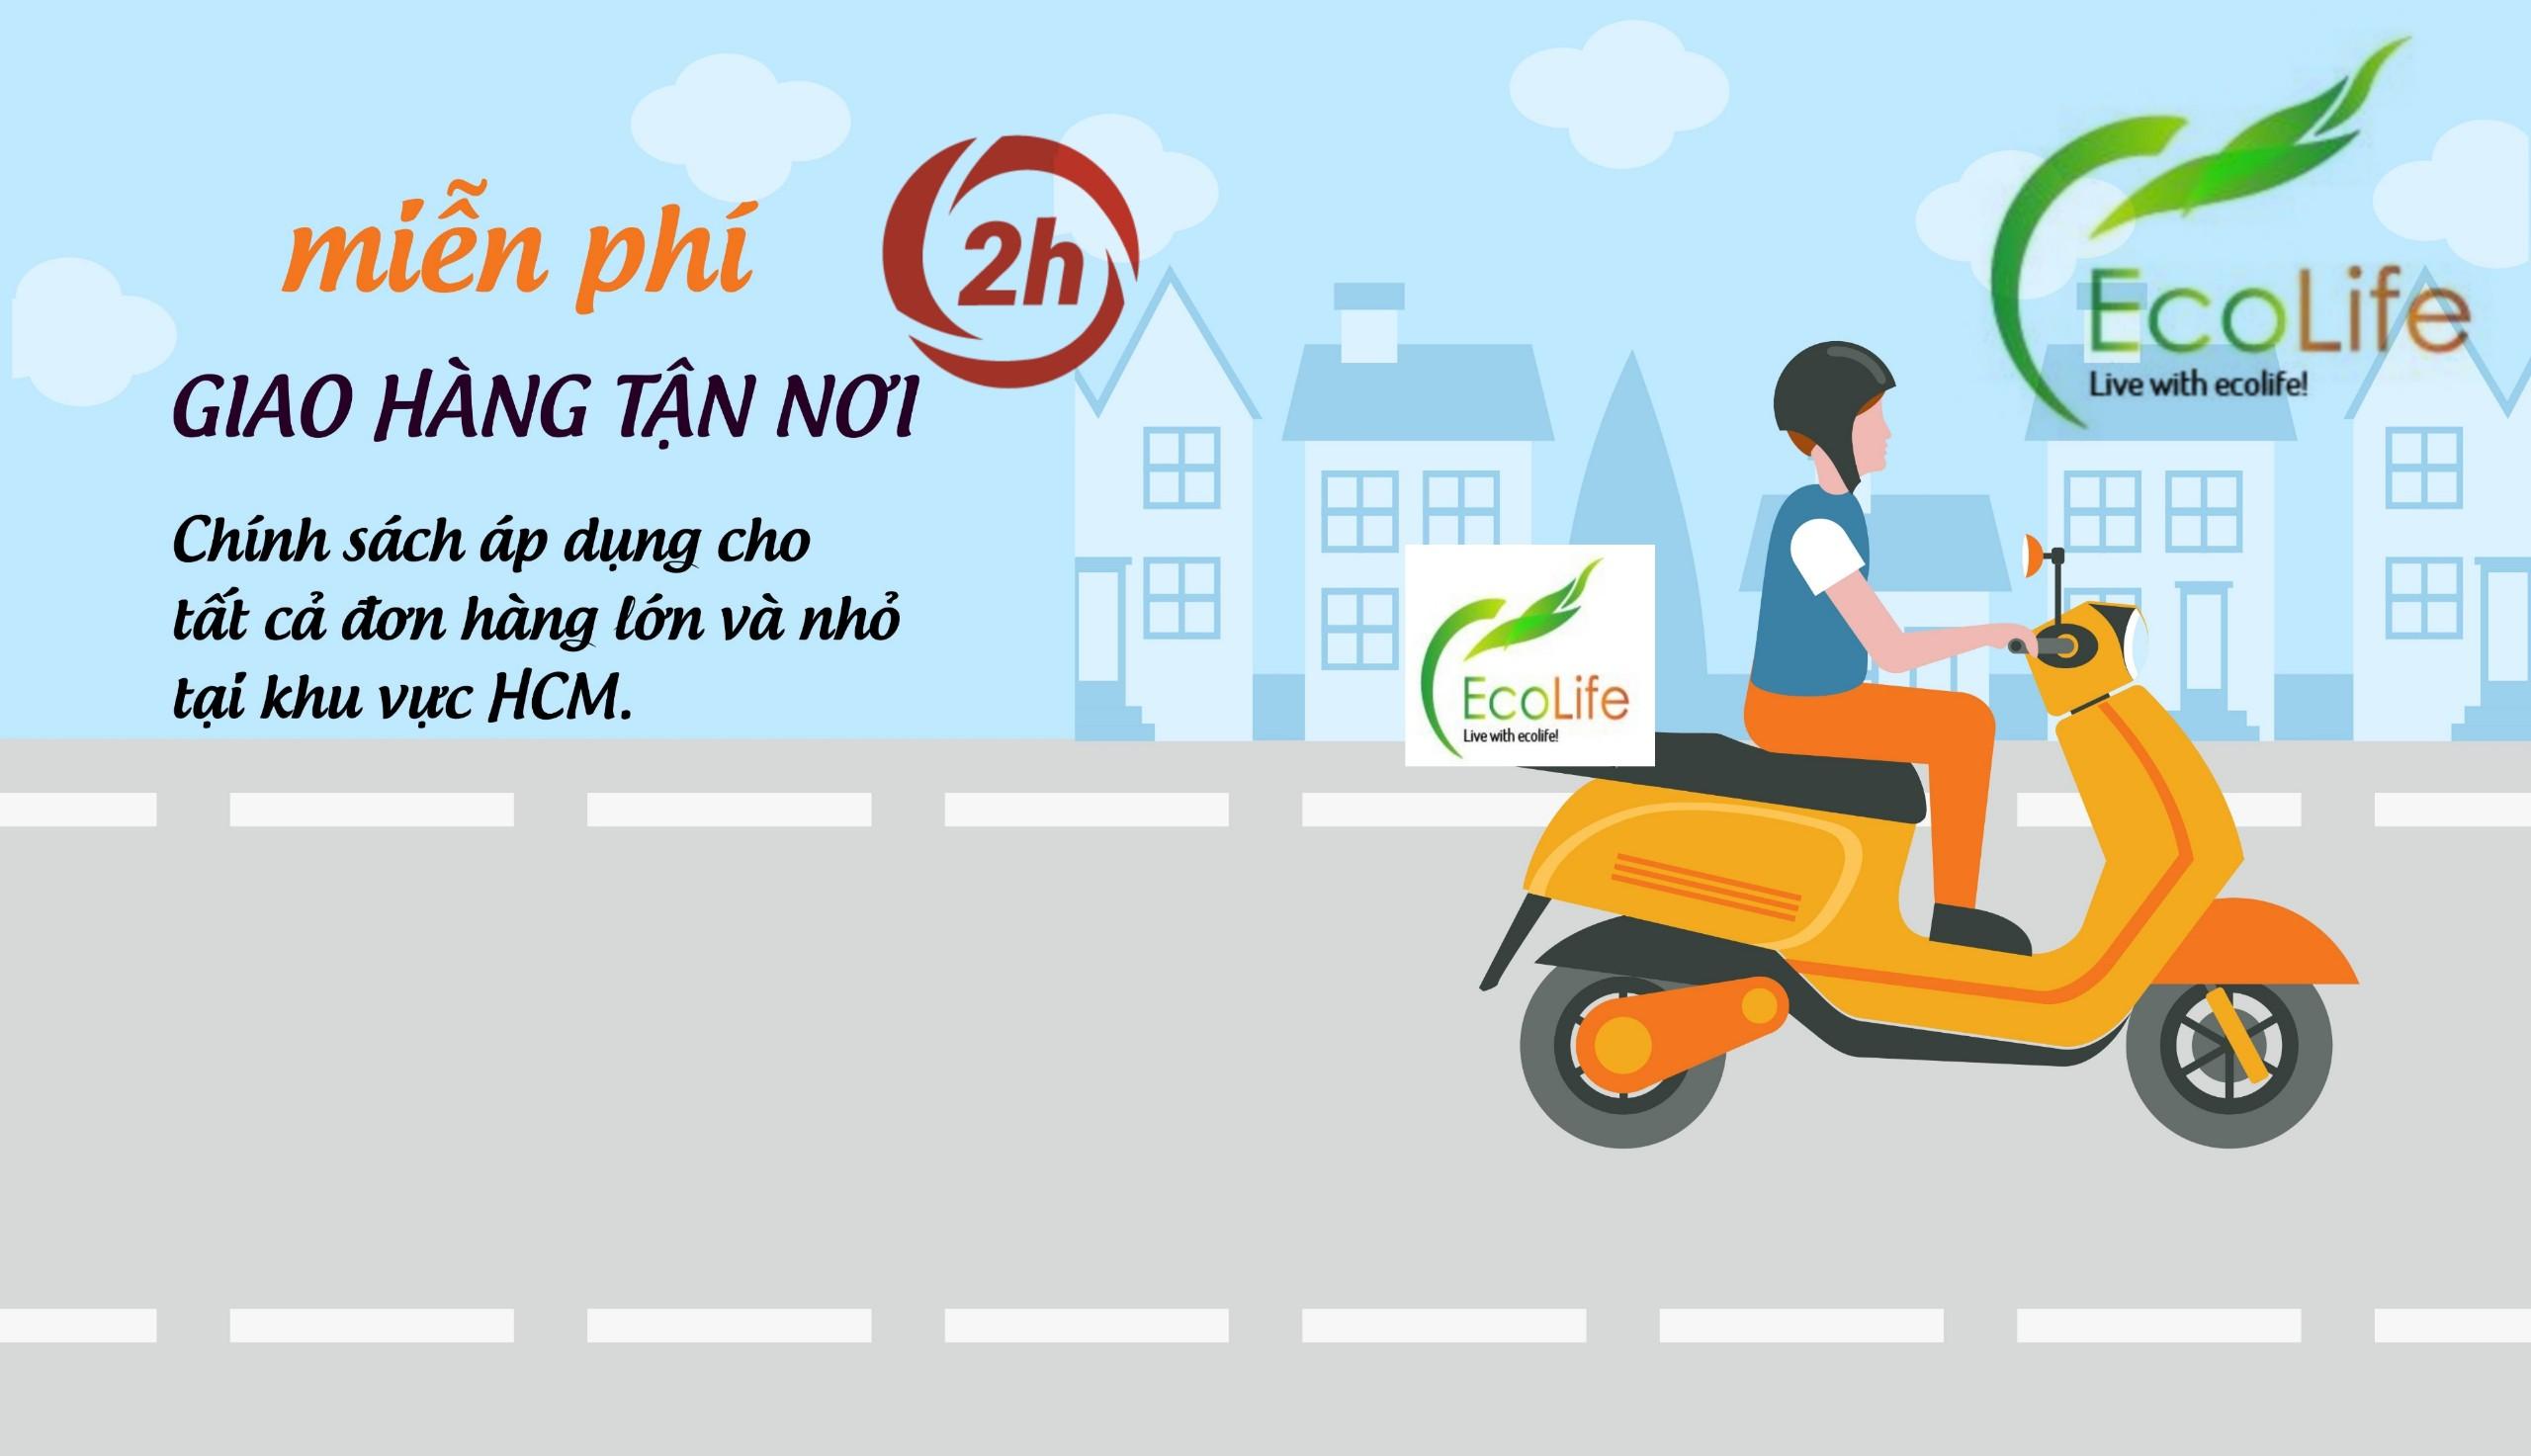 Đại lý gạo EcoLife giao hàng nhanh miễn phí trong 2h